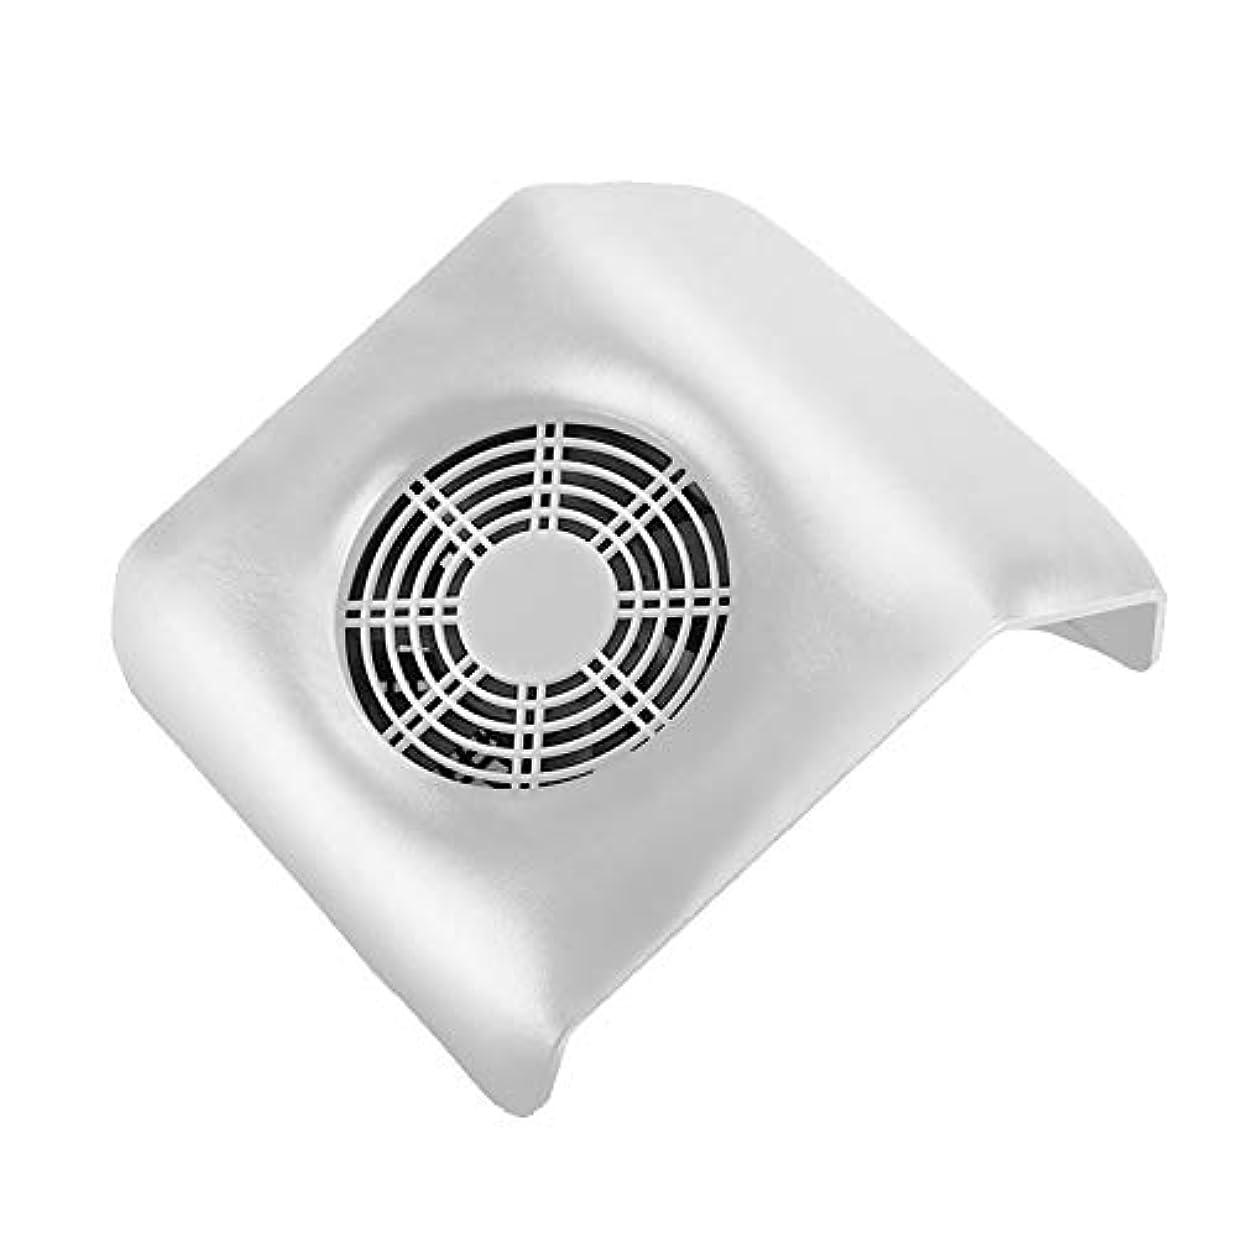 買収ラベアーチネイル 集塵機 ネイルアート掃除機 ネイルマシン ネイルダスト ダストクリーナー ネイル機器 集塵バッグ付き ホワイト